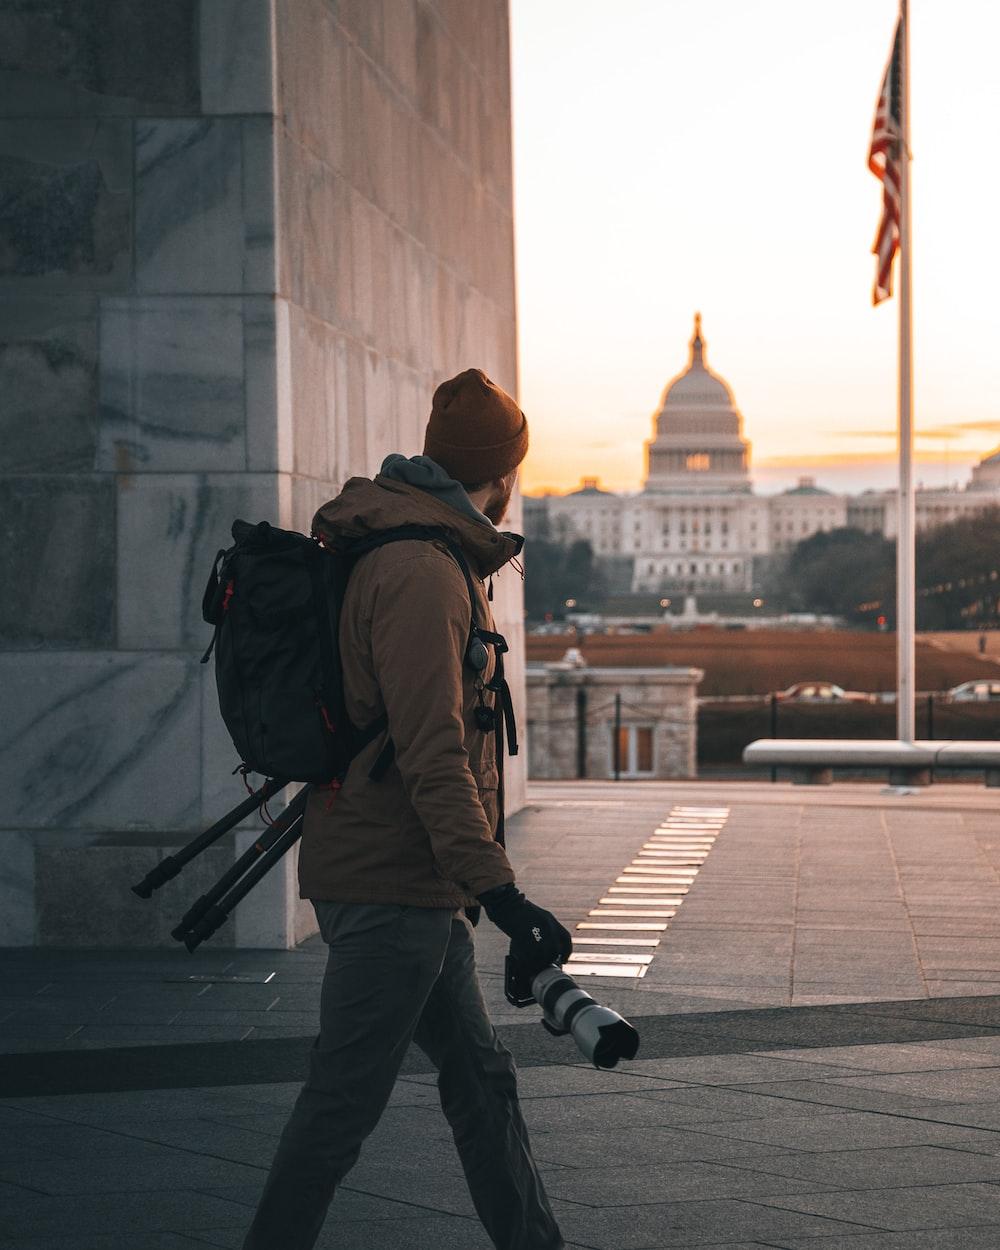 man in brown jacket and black pants wearing brown knit cap walking on sidewalk during daytime